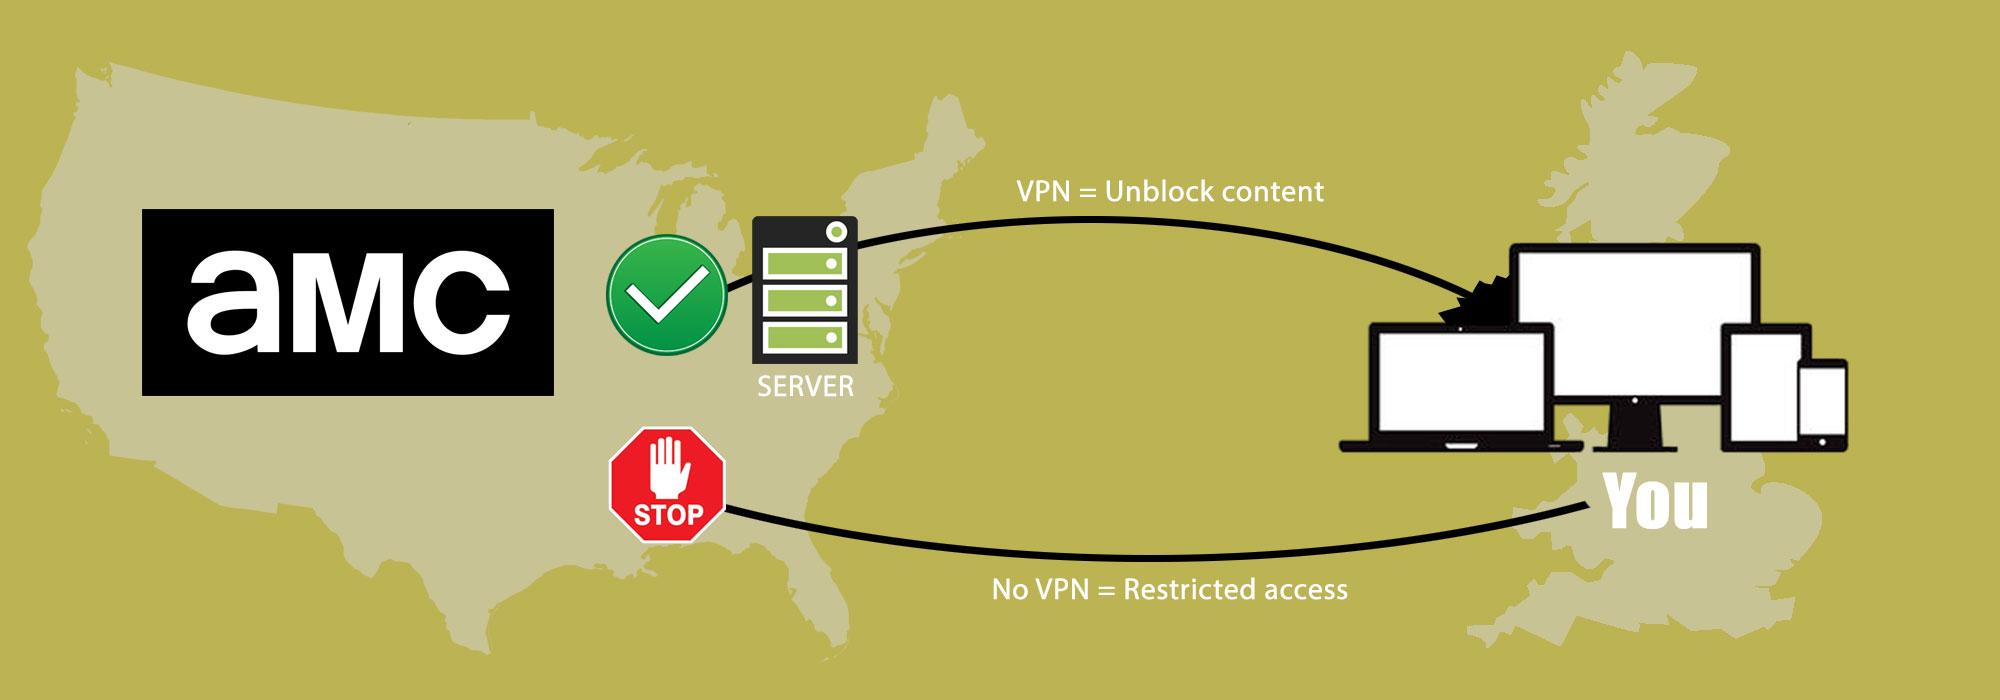 VPN pour regarder AMC TV